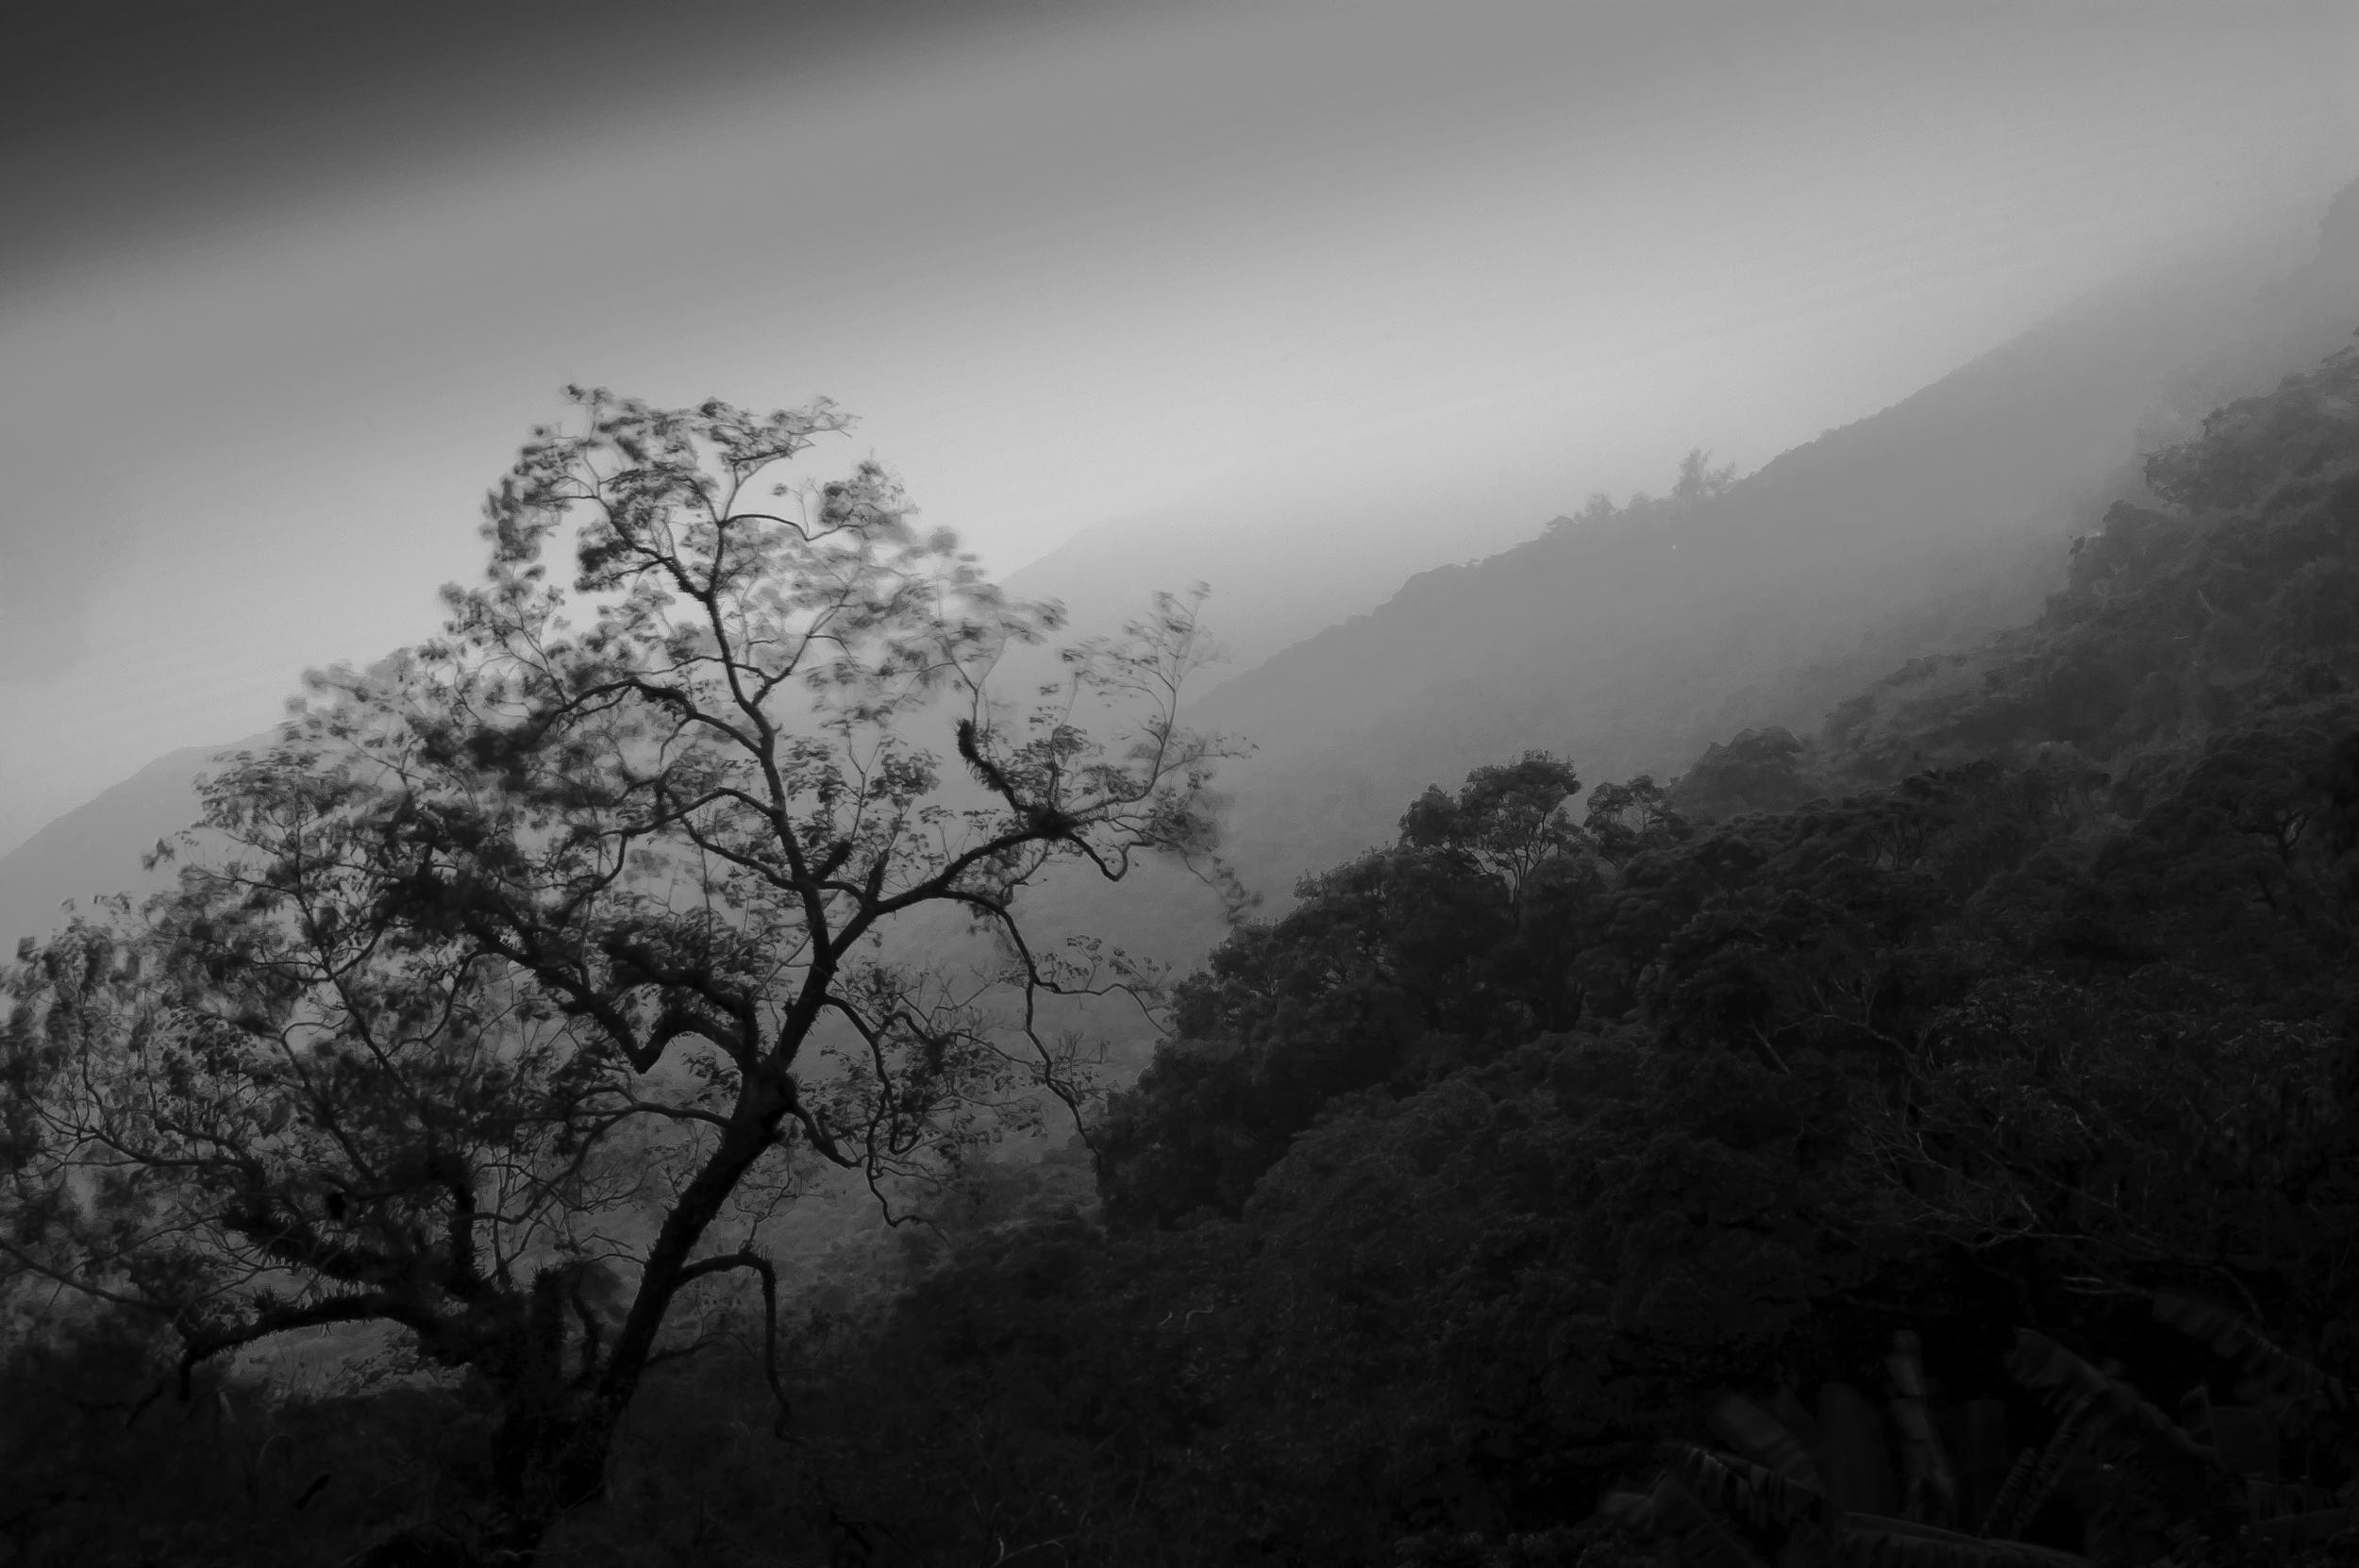 The Foggy Peak